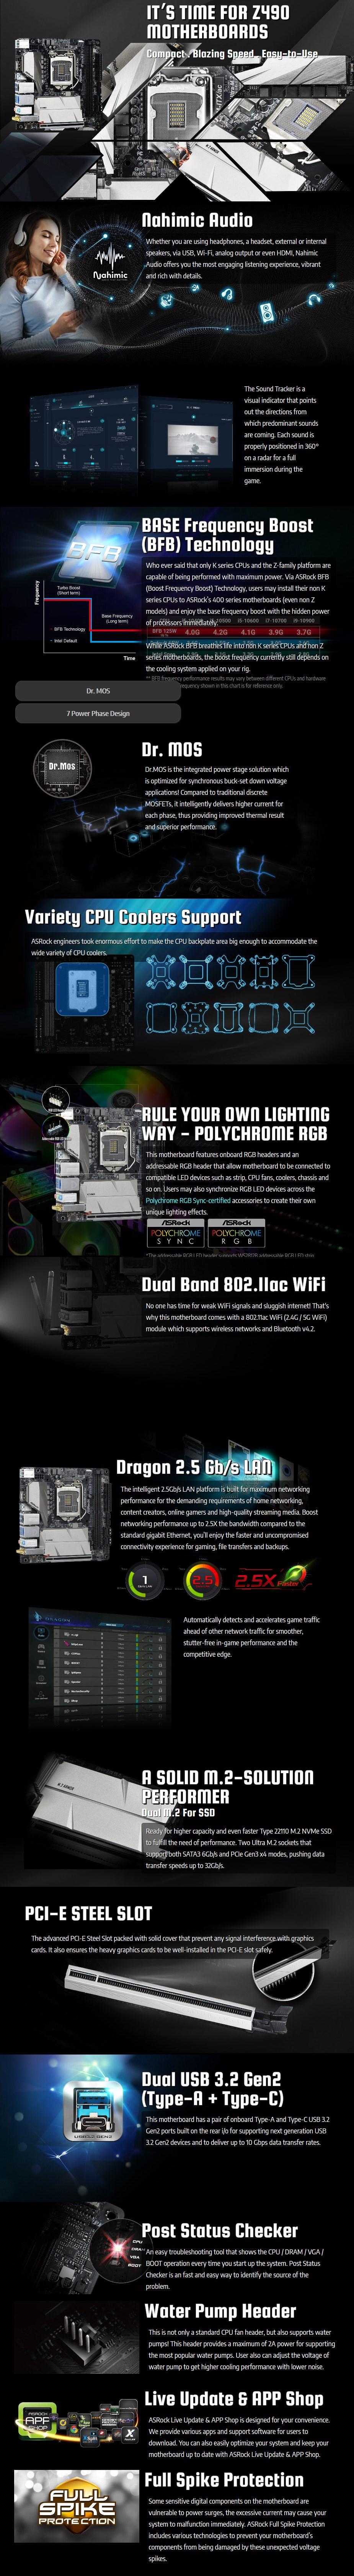 ASRock Z490M-ITX/ac LGA 1200 Mini-ITX Motherboard - Overview 1